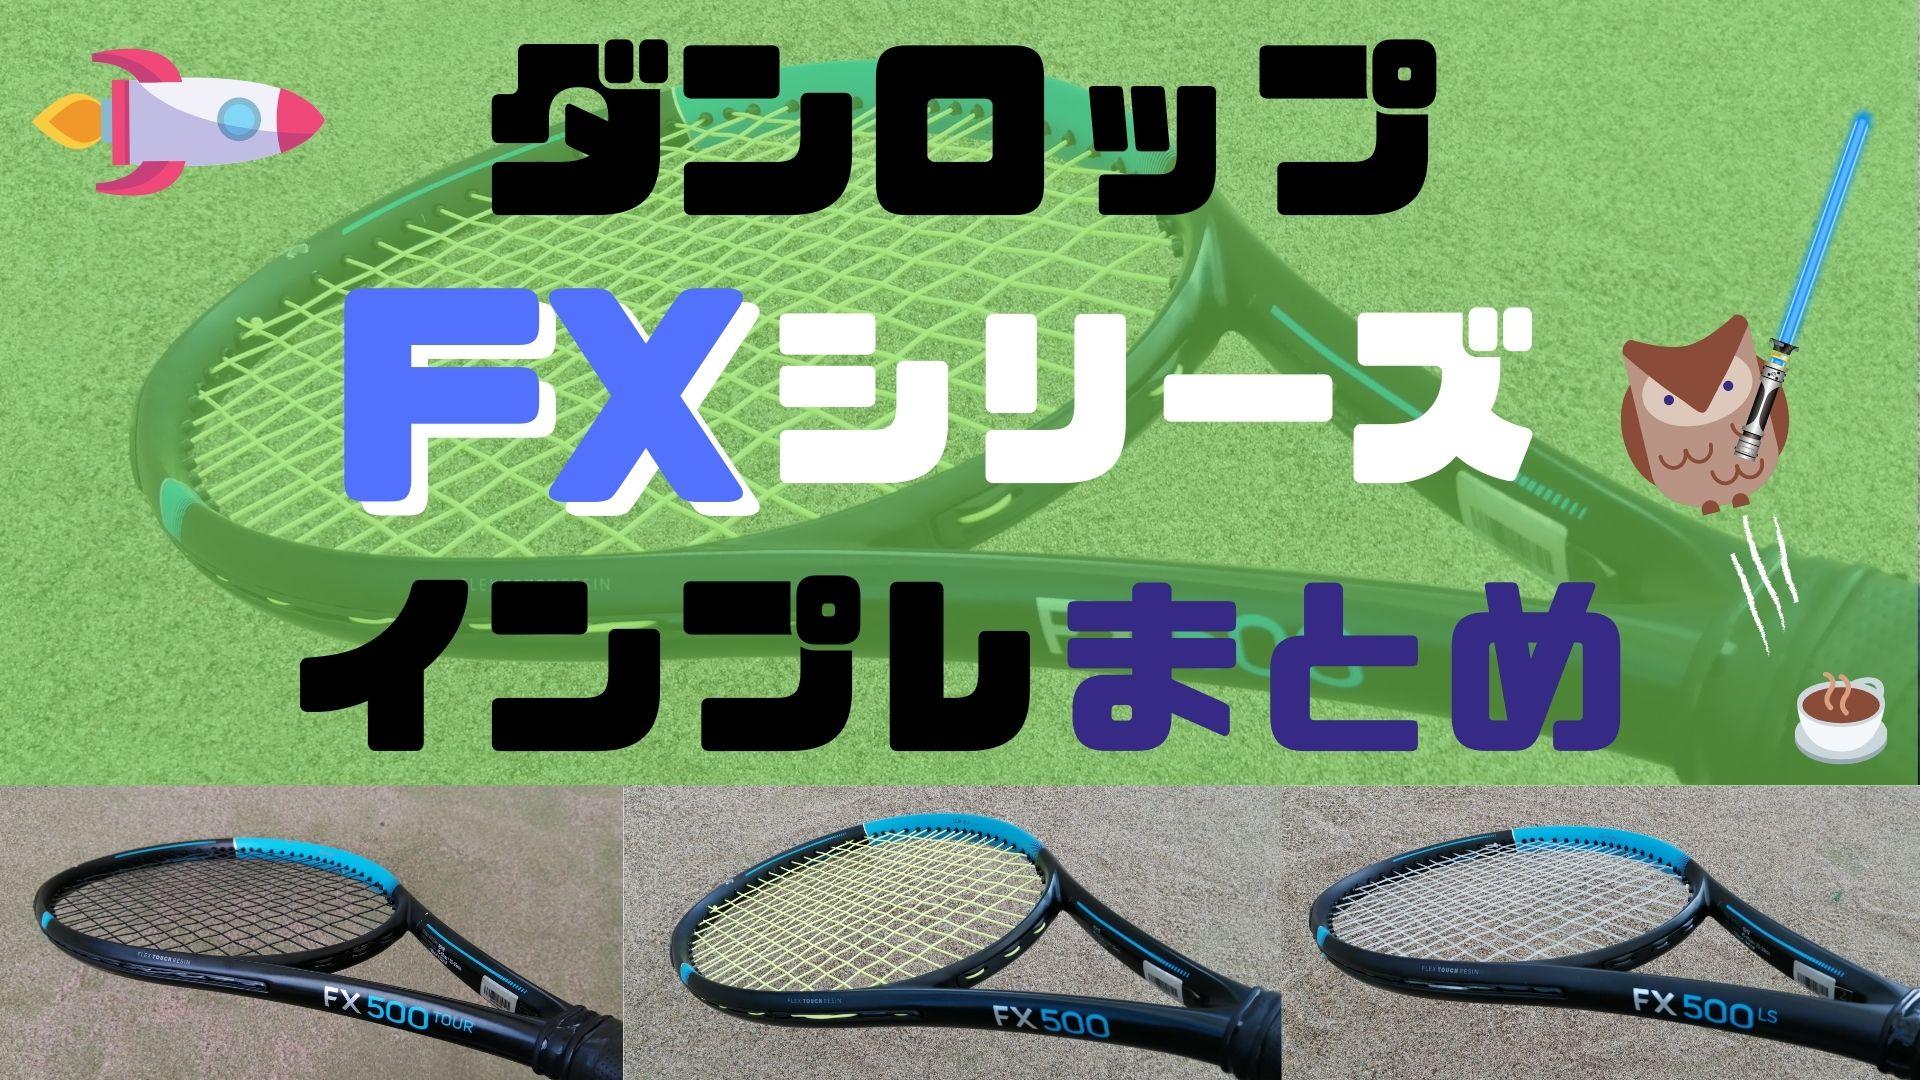 ダンロップ FXシリーズ【インプレまとめ】DUNLOP FX500/TOUR/LS